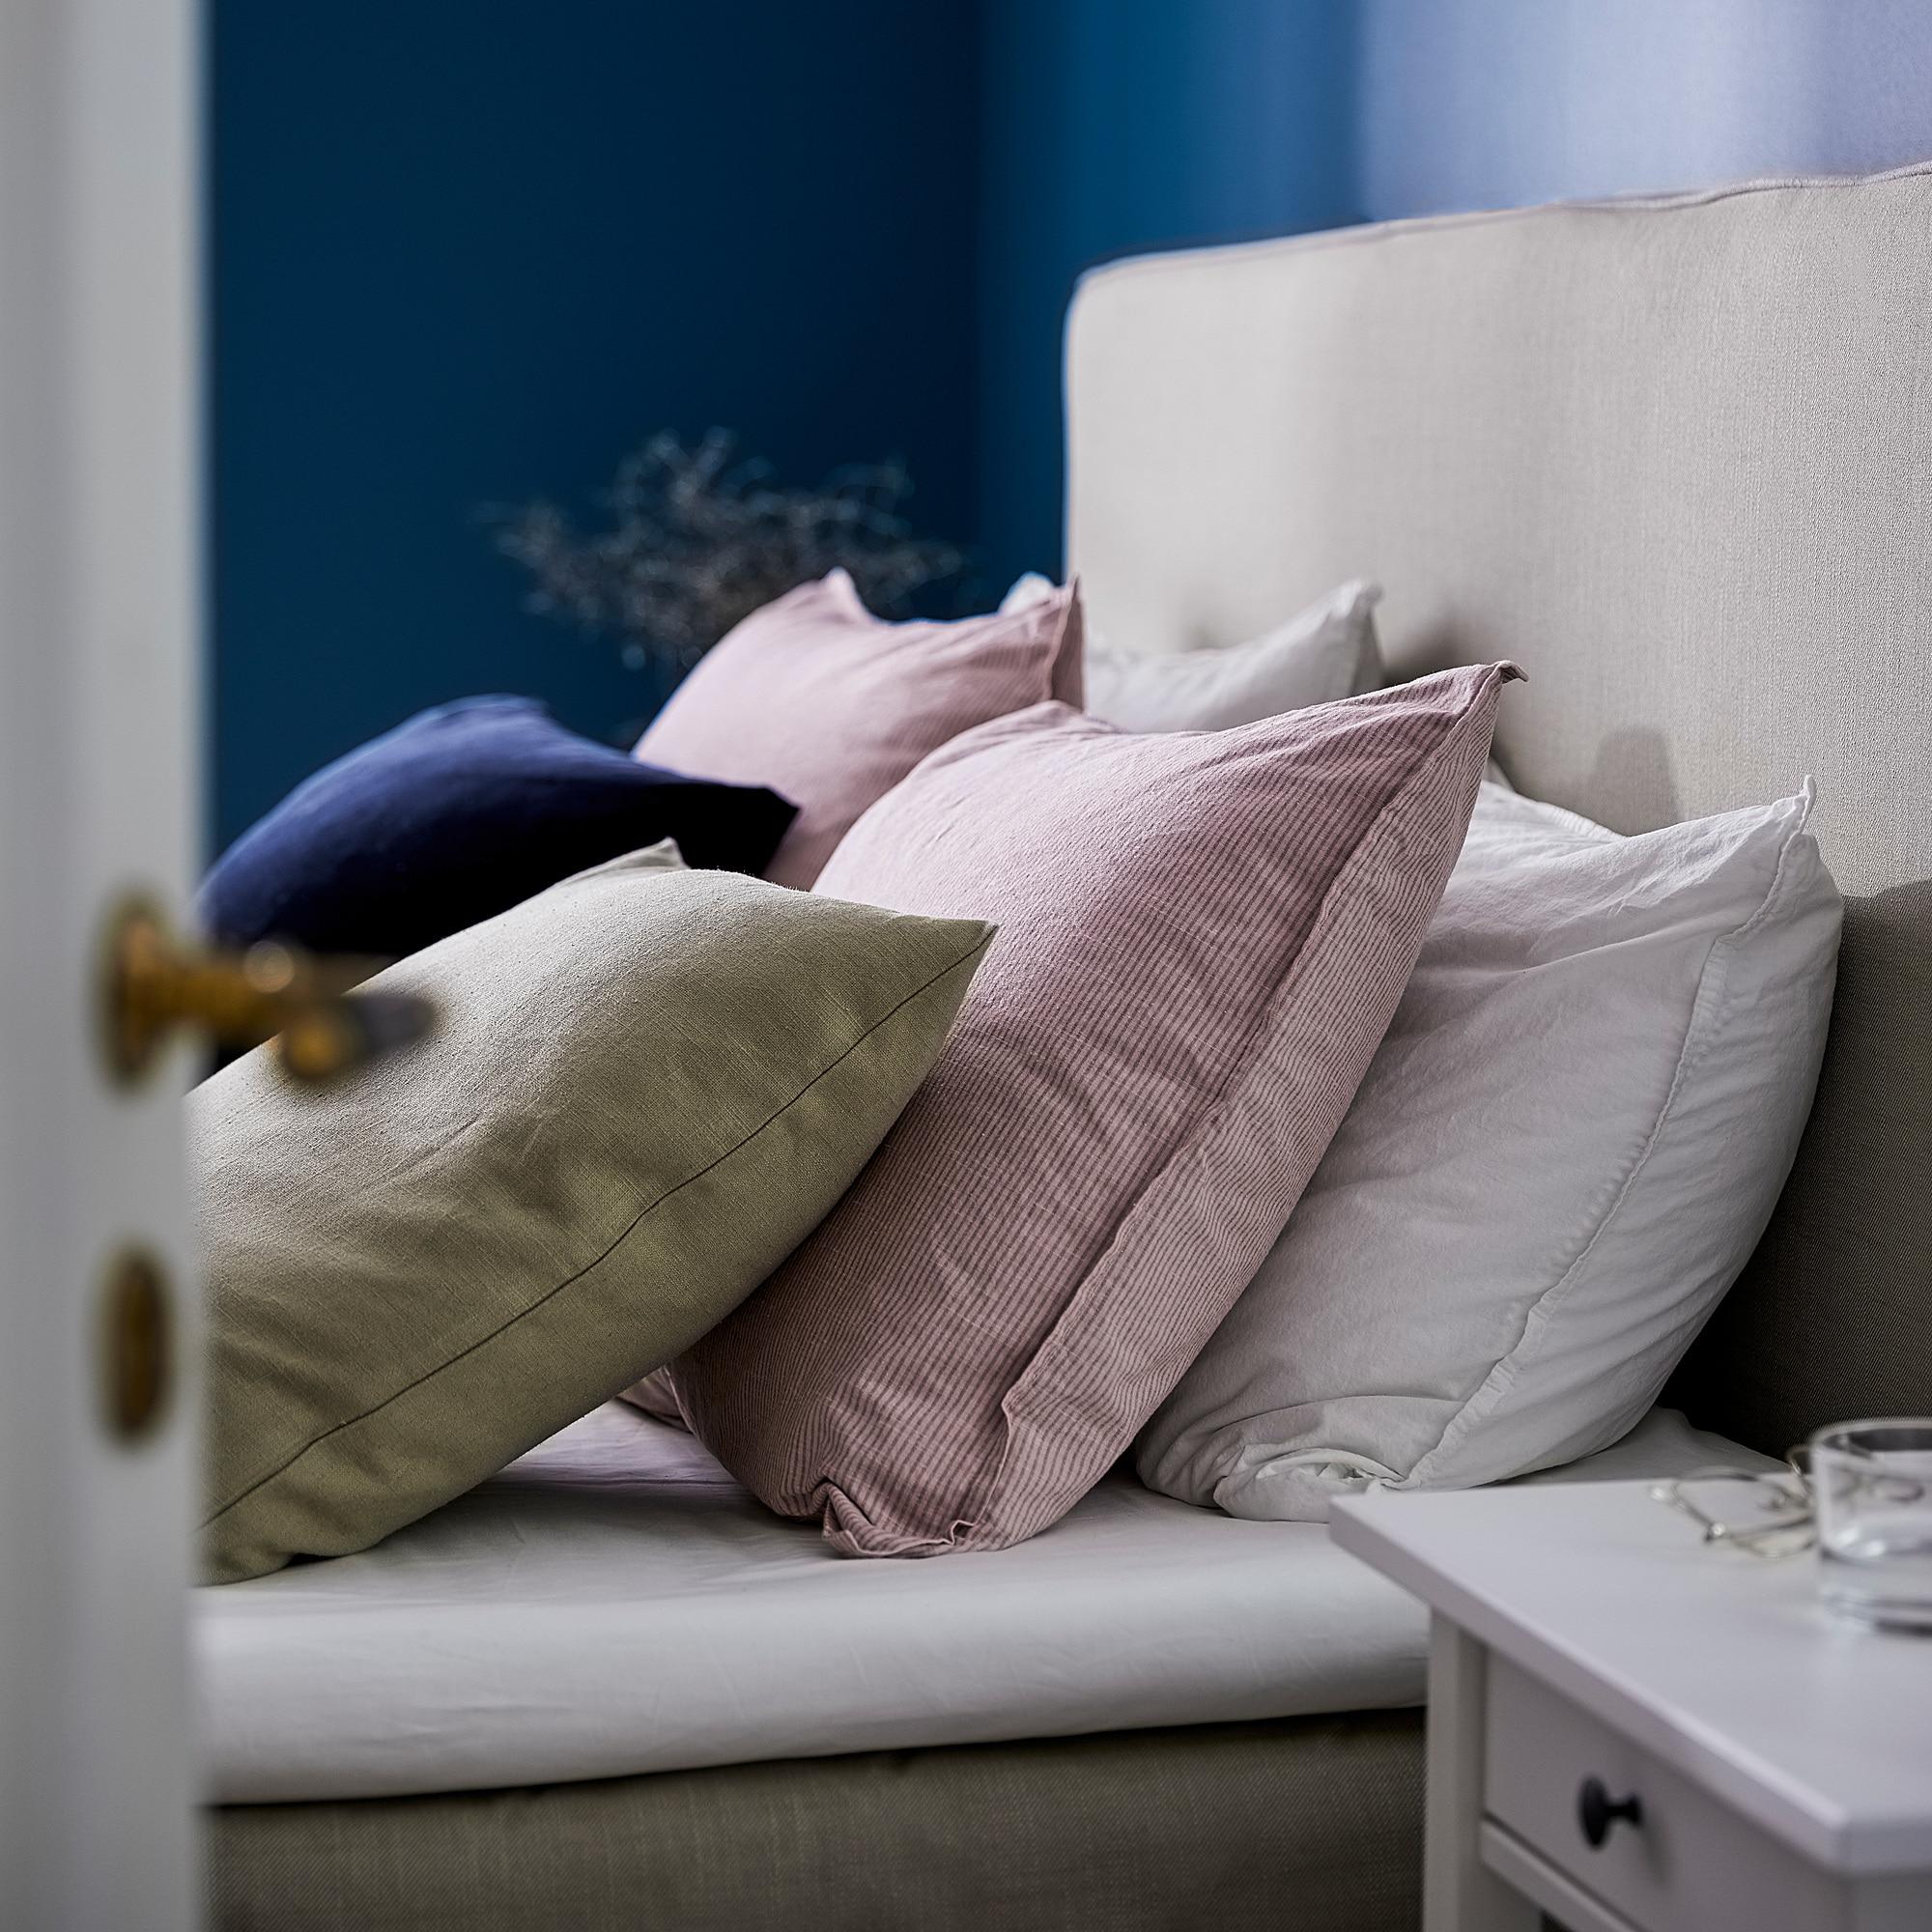 Bergpalm Duvet Cover And Pillowcase S Pink Stripe Housse De Couette Jeux De Housse De Couette Et Housse De Couette Rose